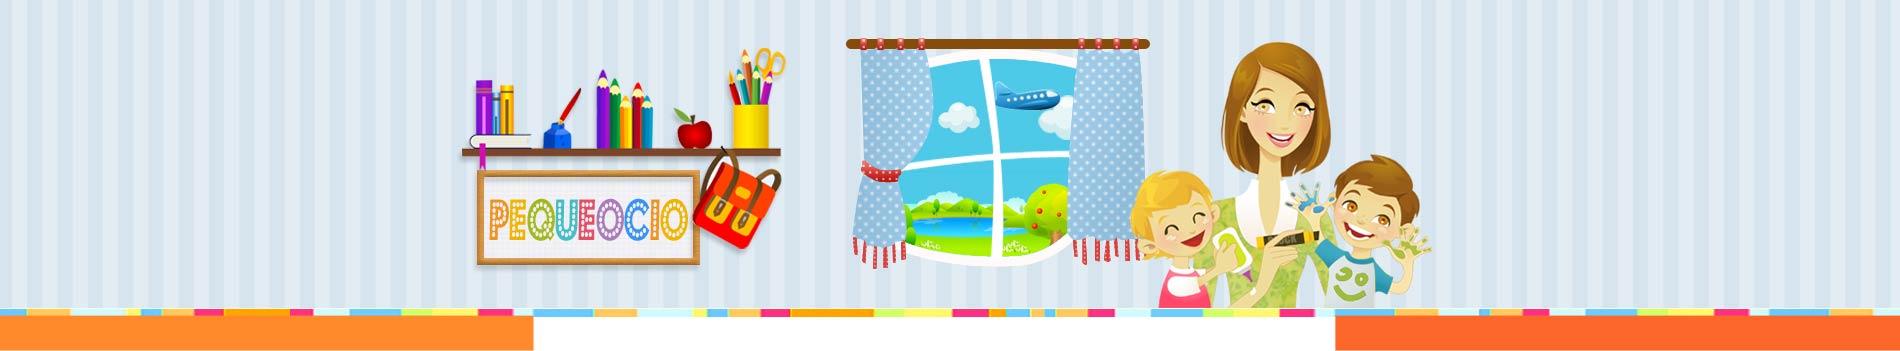 http://www.pequeocio.com/wp-content/themes/Pequeocio_V3/images/header_bg.jpg